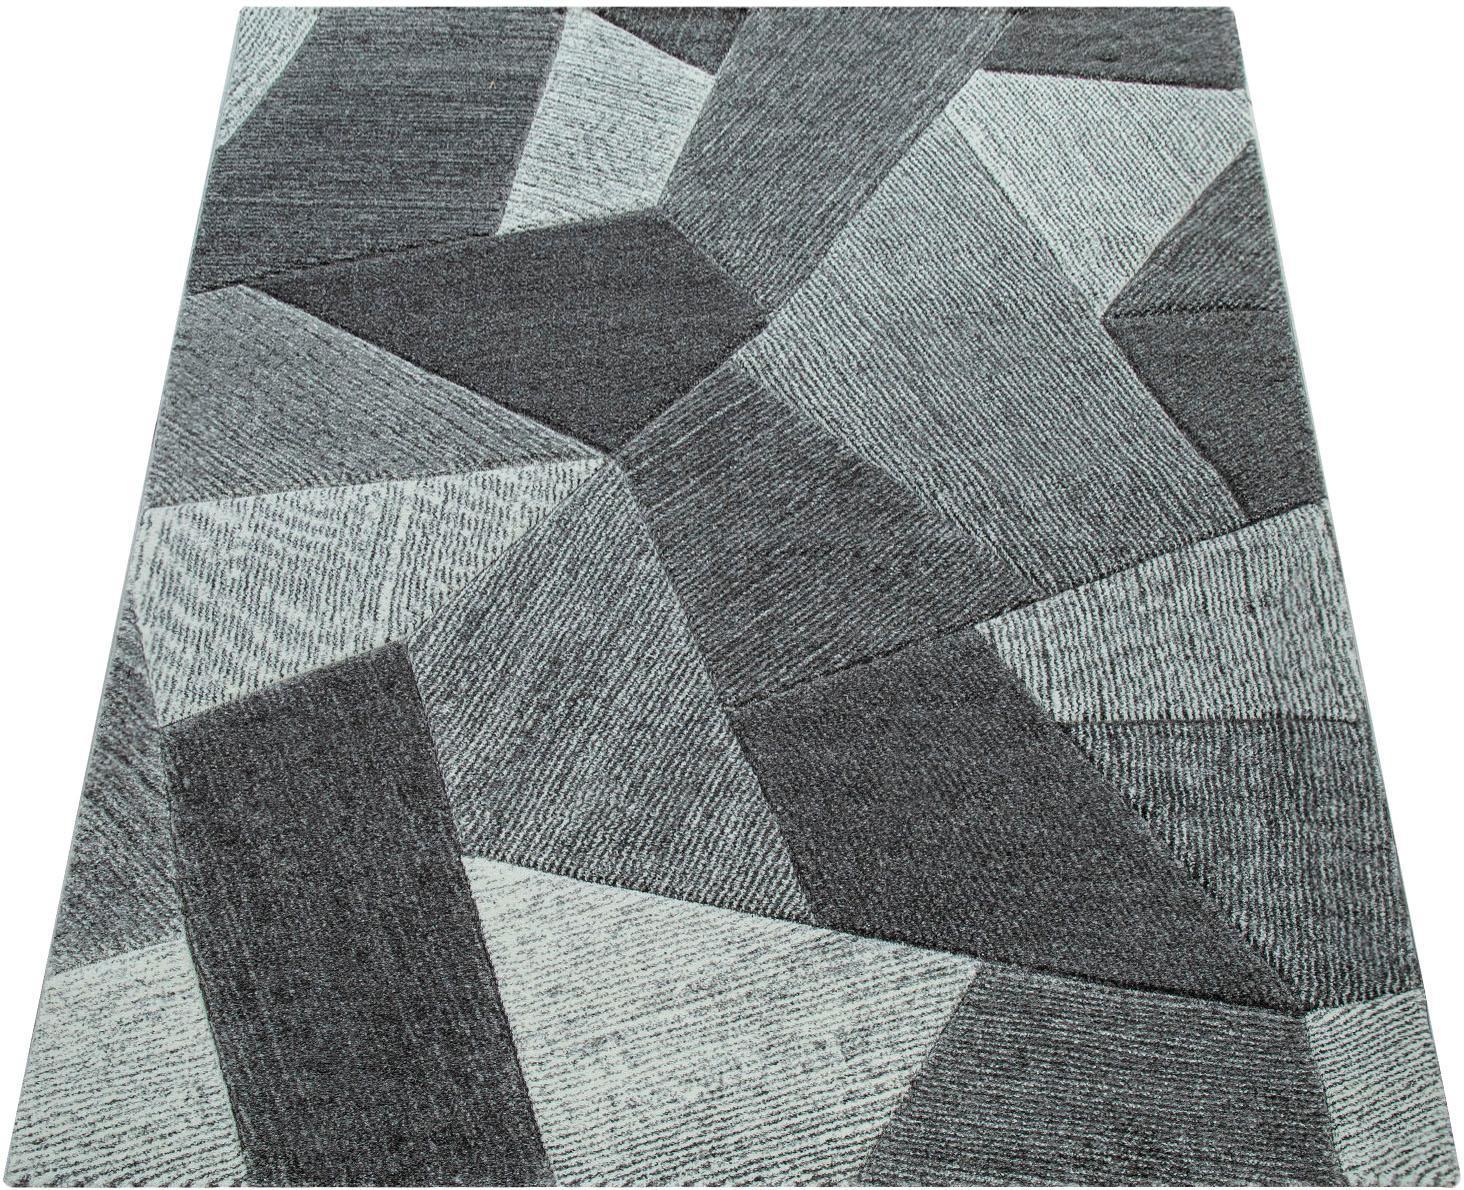 Teppich Lara 233 Paco Home rechteckig Höhe 18 mm maschinell gewebt